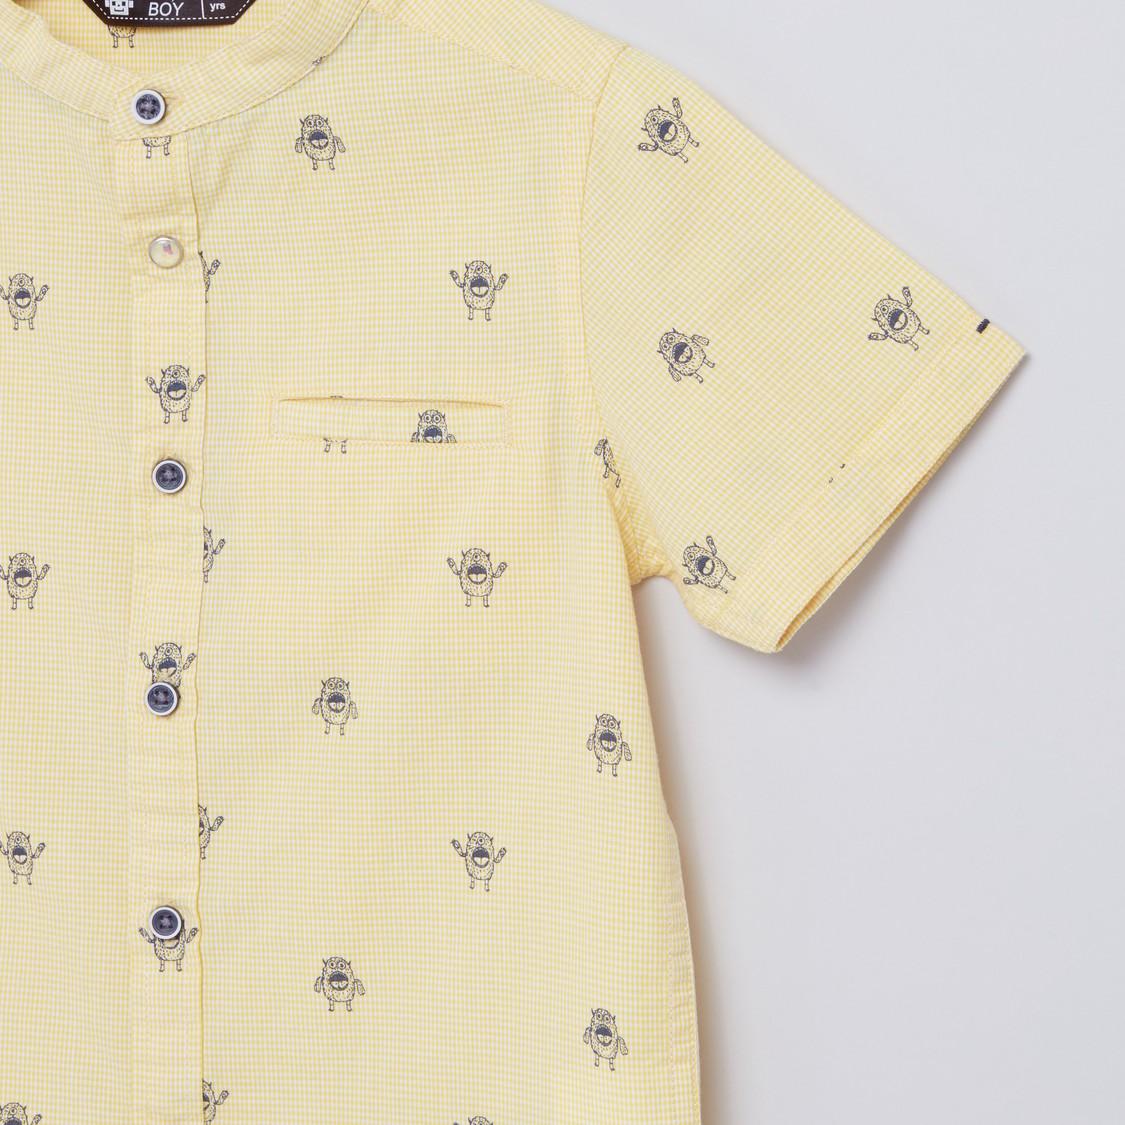 قميص بأكمام قصيرة وياقة ماندارين وطبعات